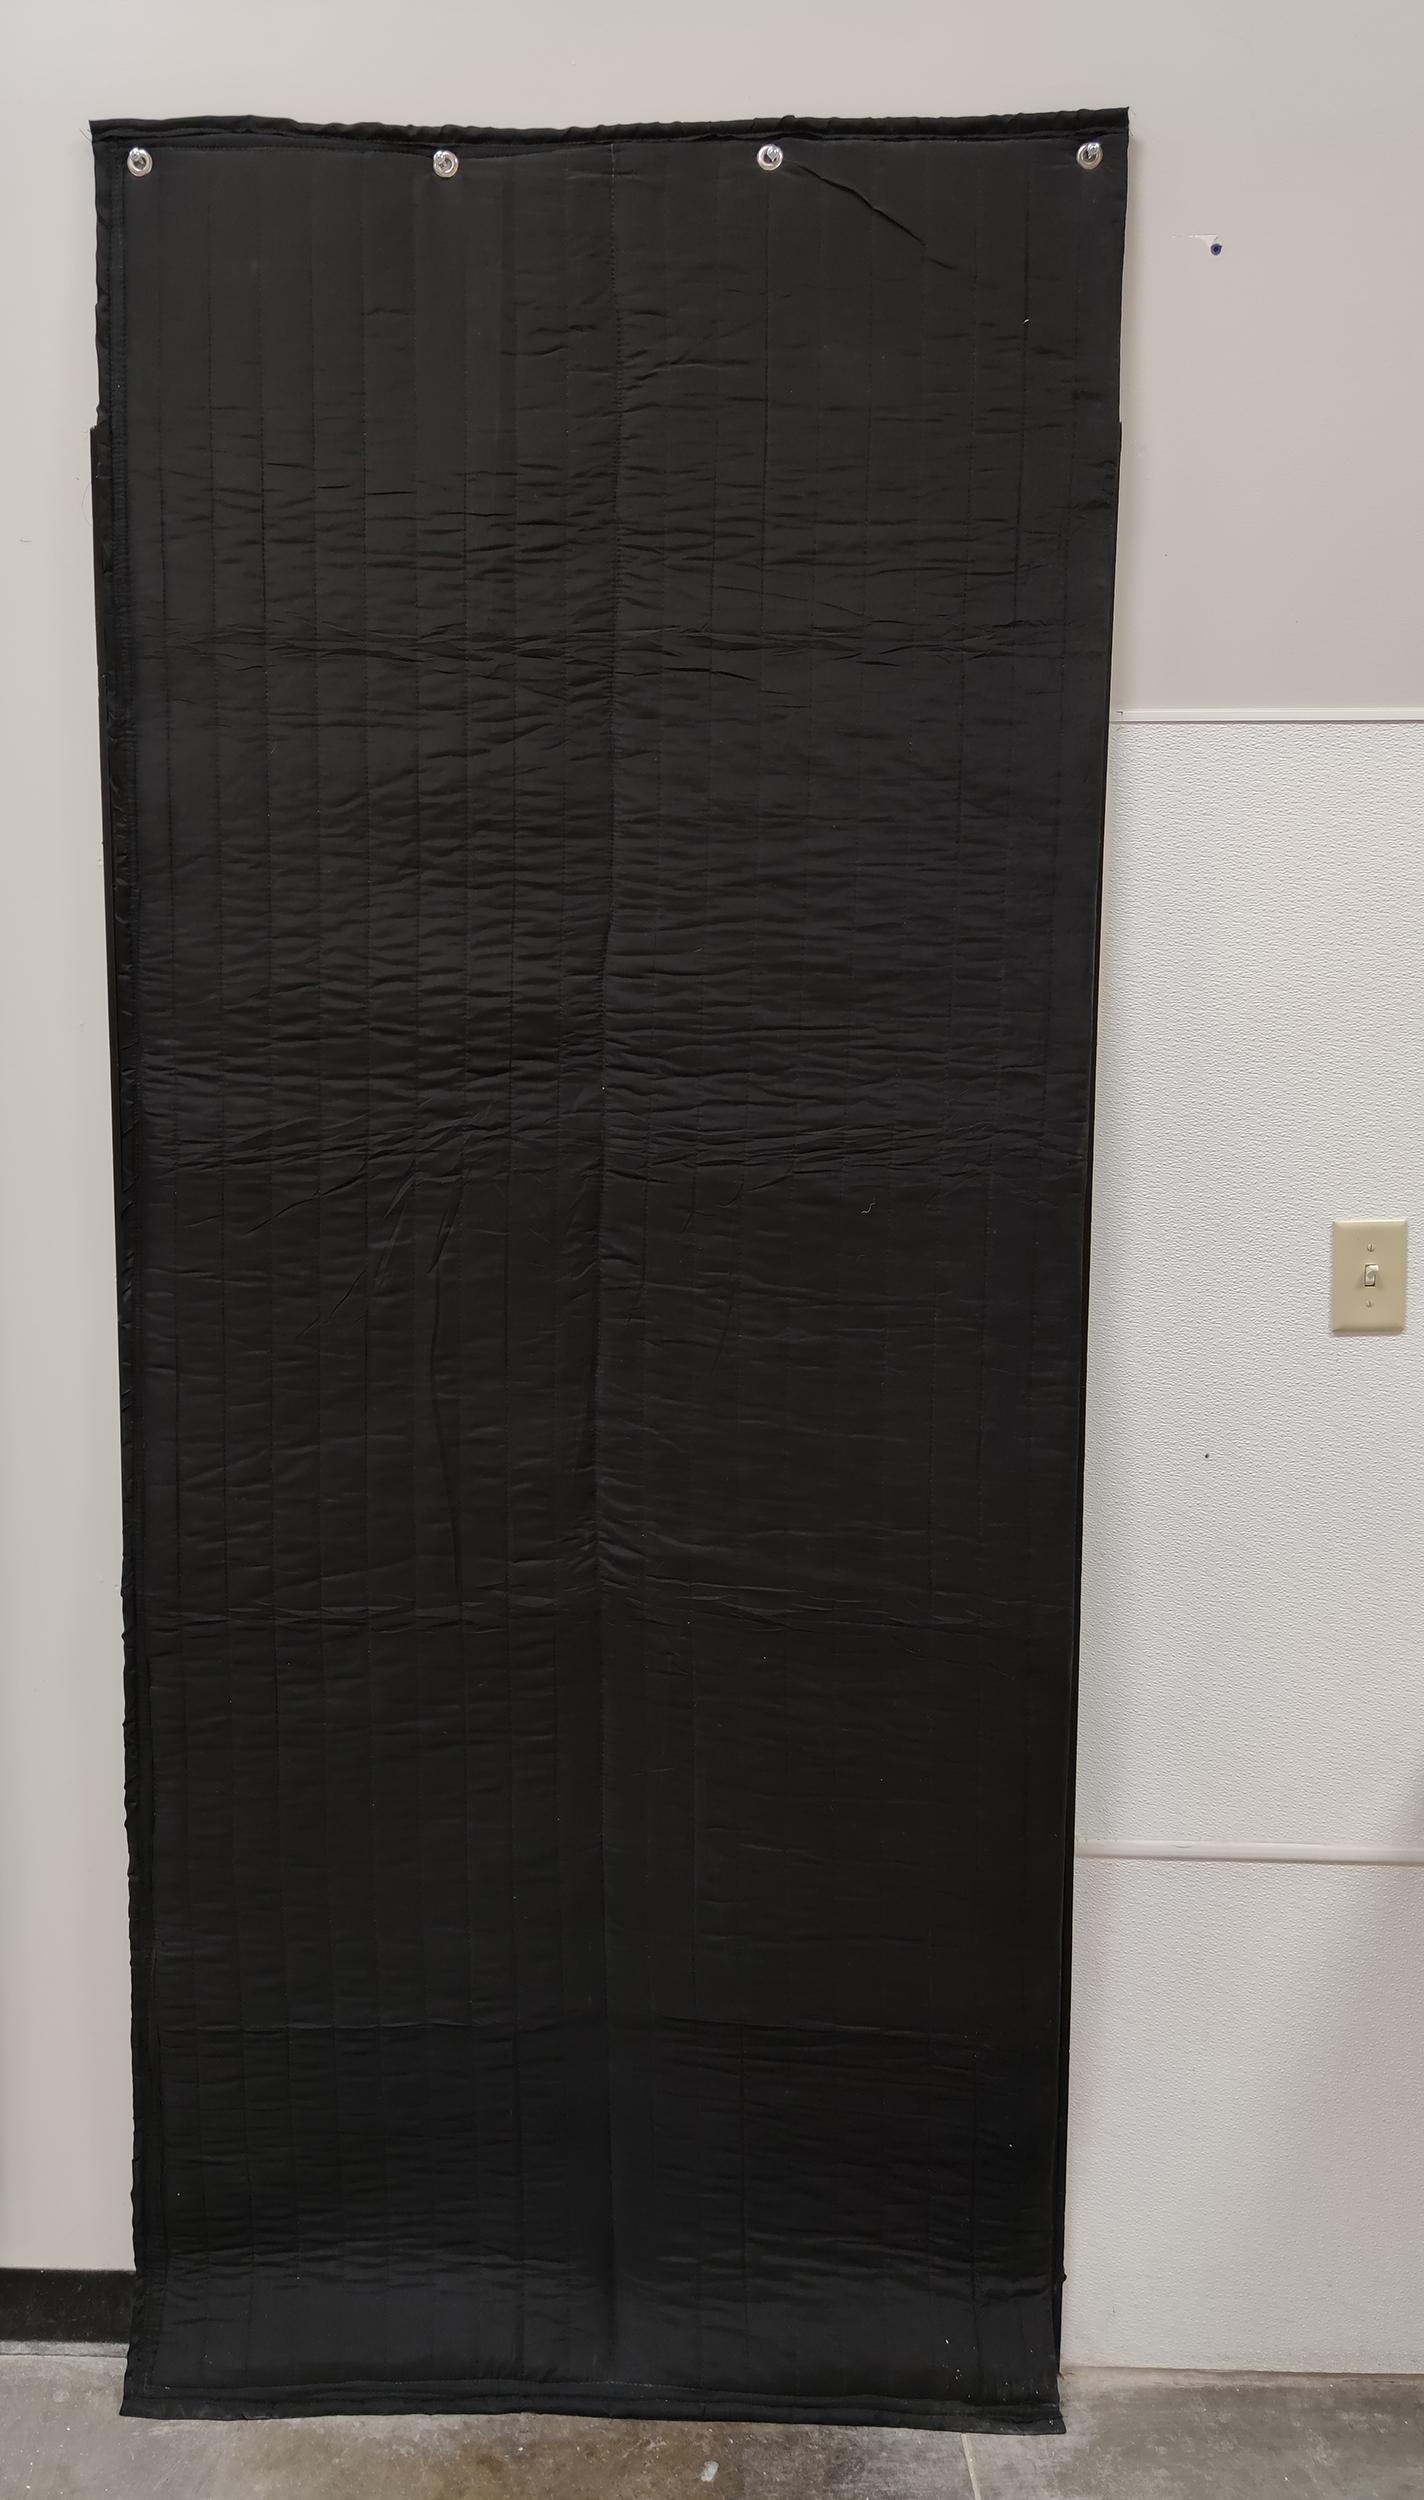 Sound blocking door panel